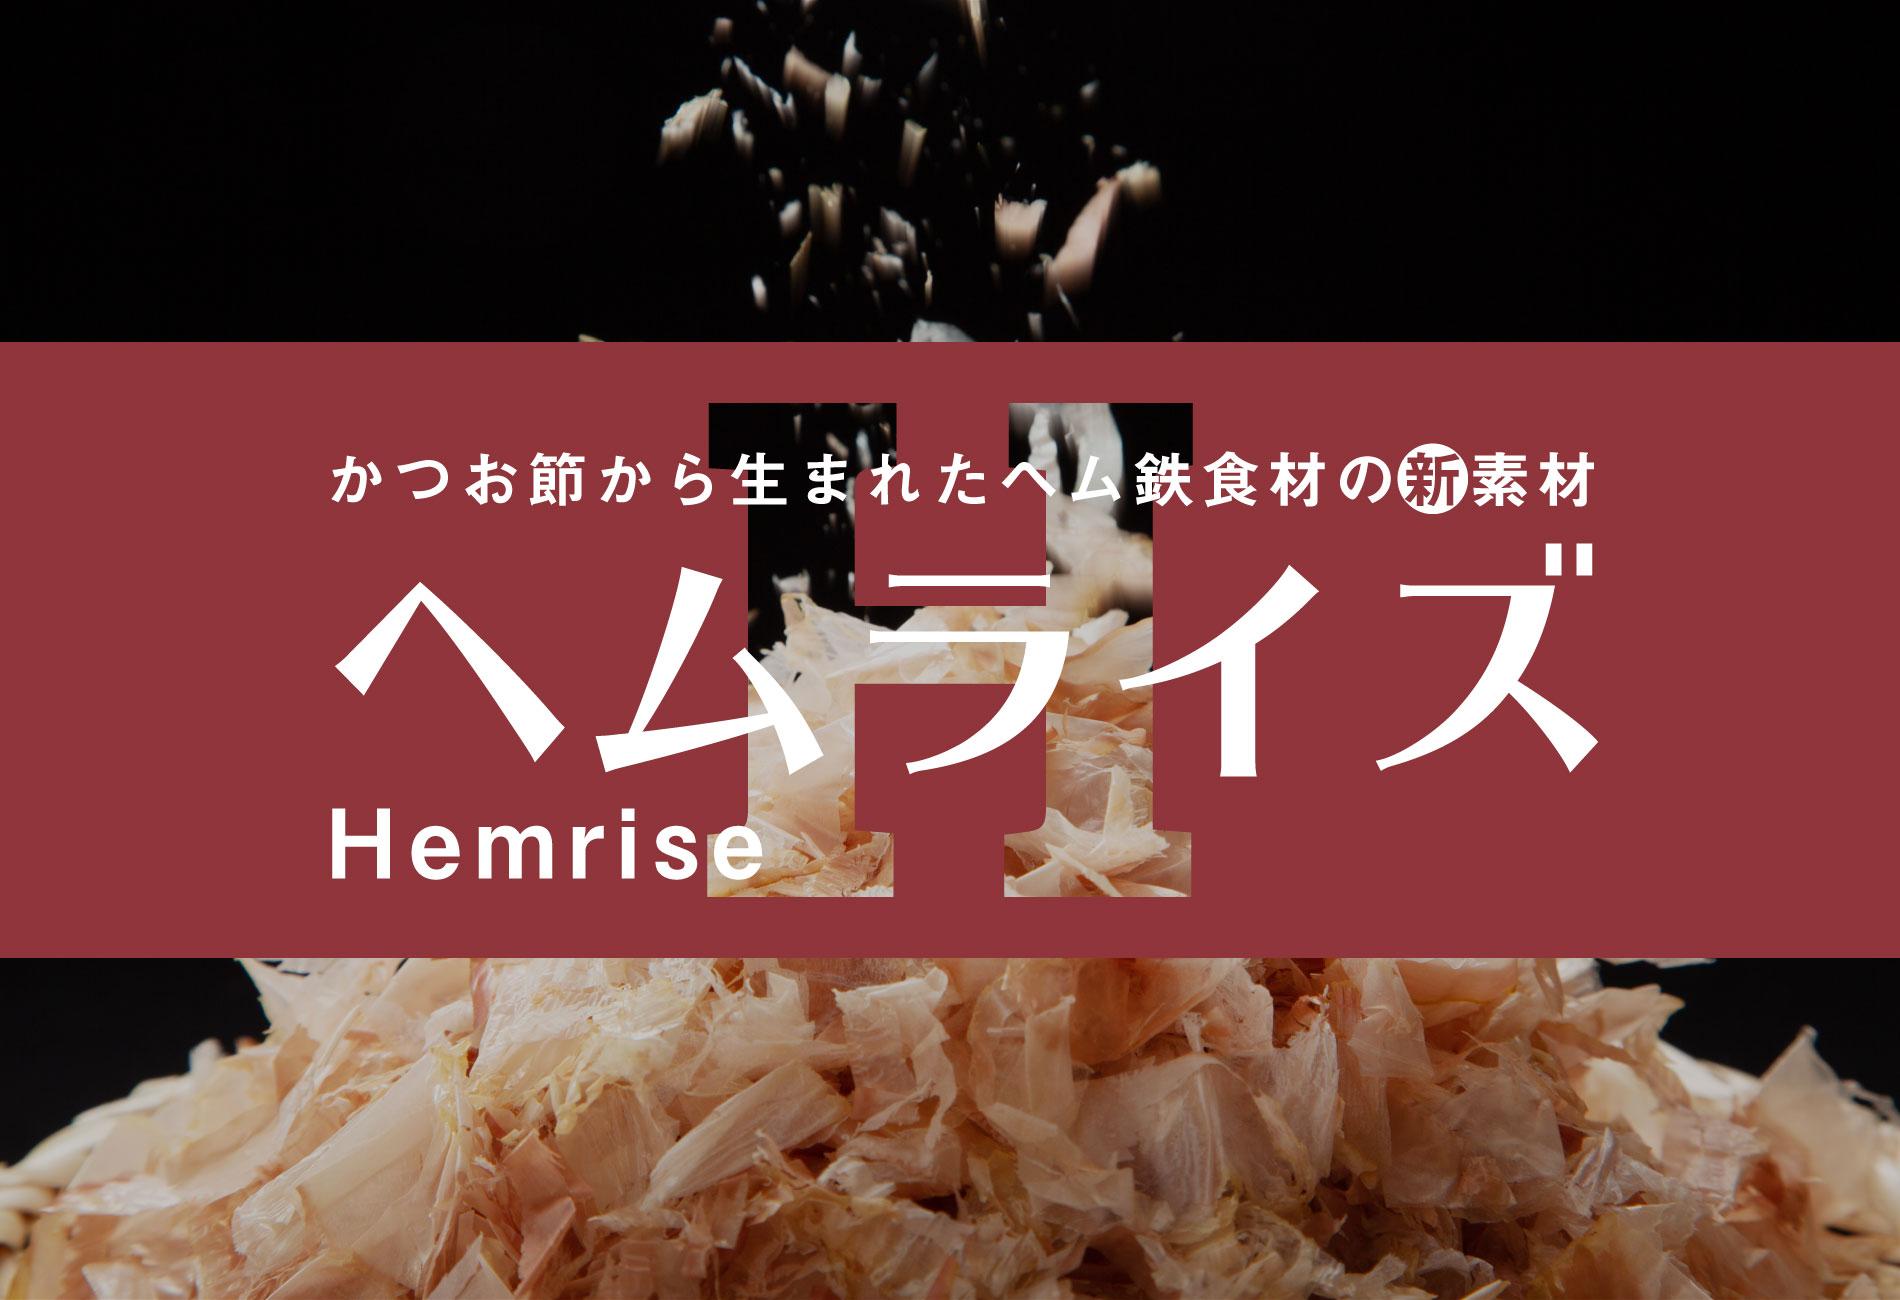 鰹節から生まれたヘム鉄食品の新素材、ヘムライズ